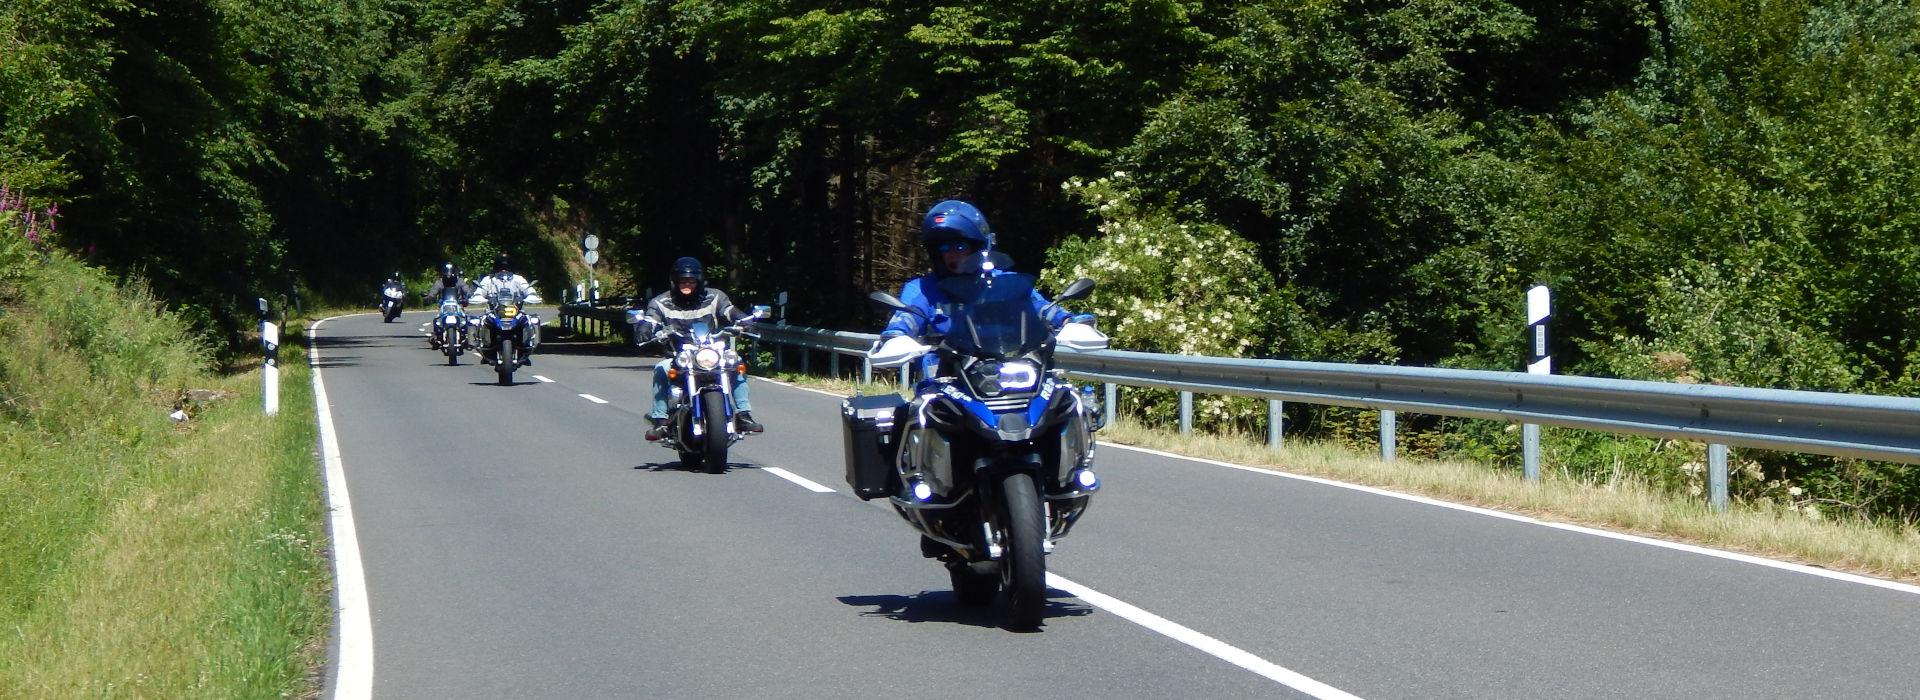 Motorrijbewijspoint Goudswaard spoed motorrijbewijs